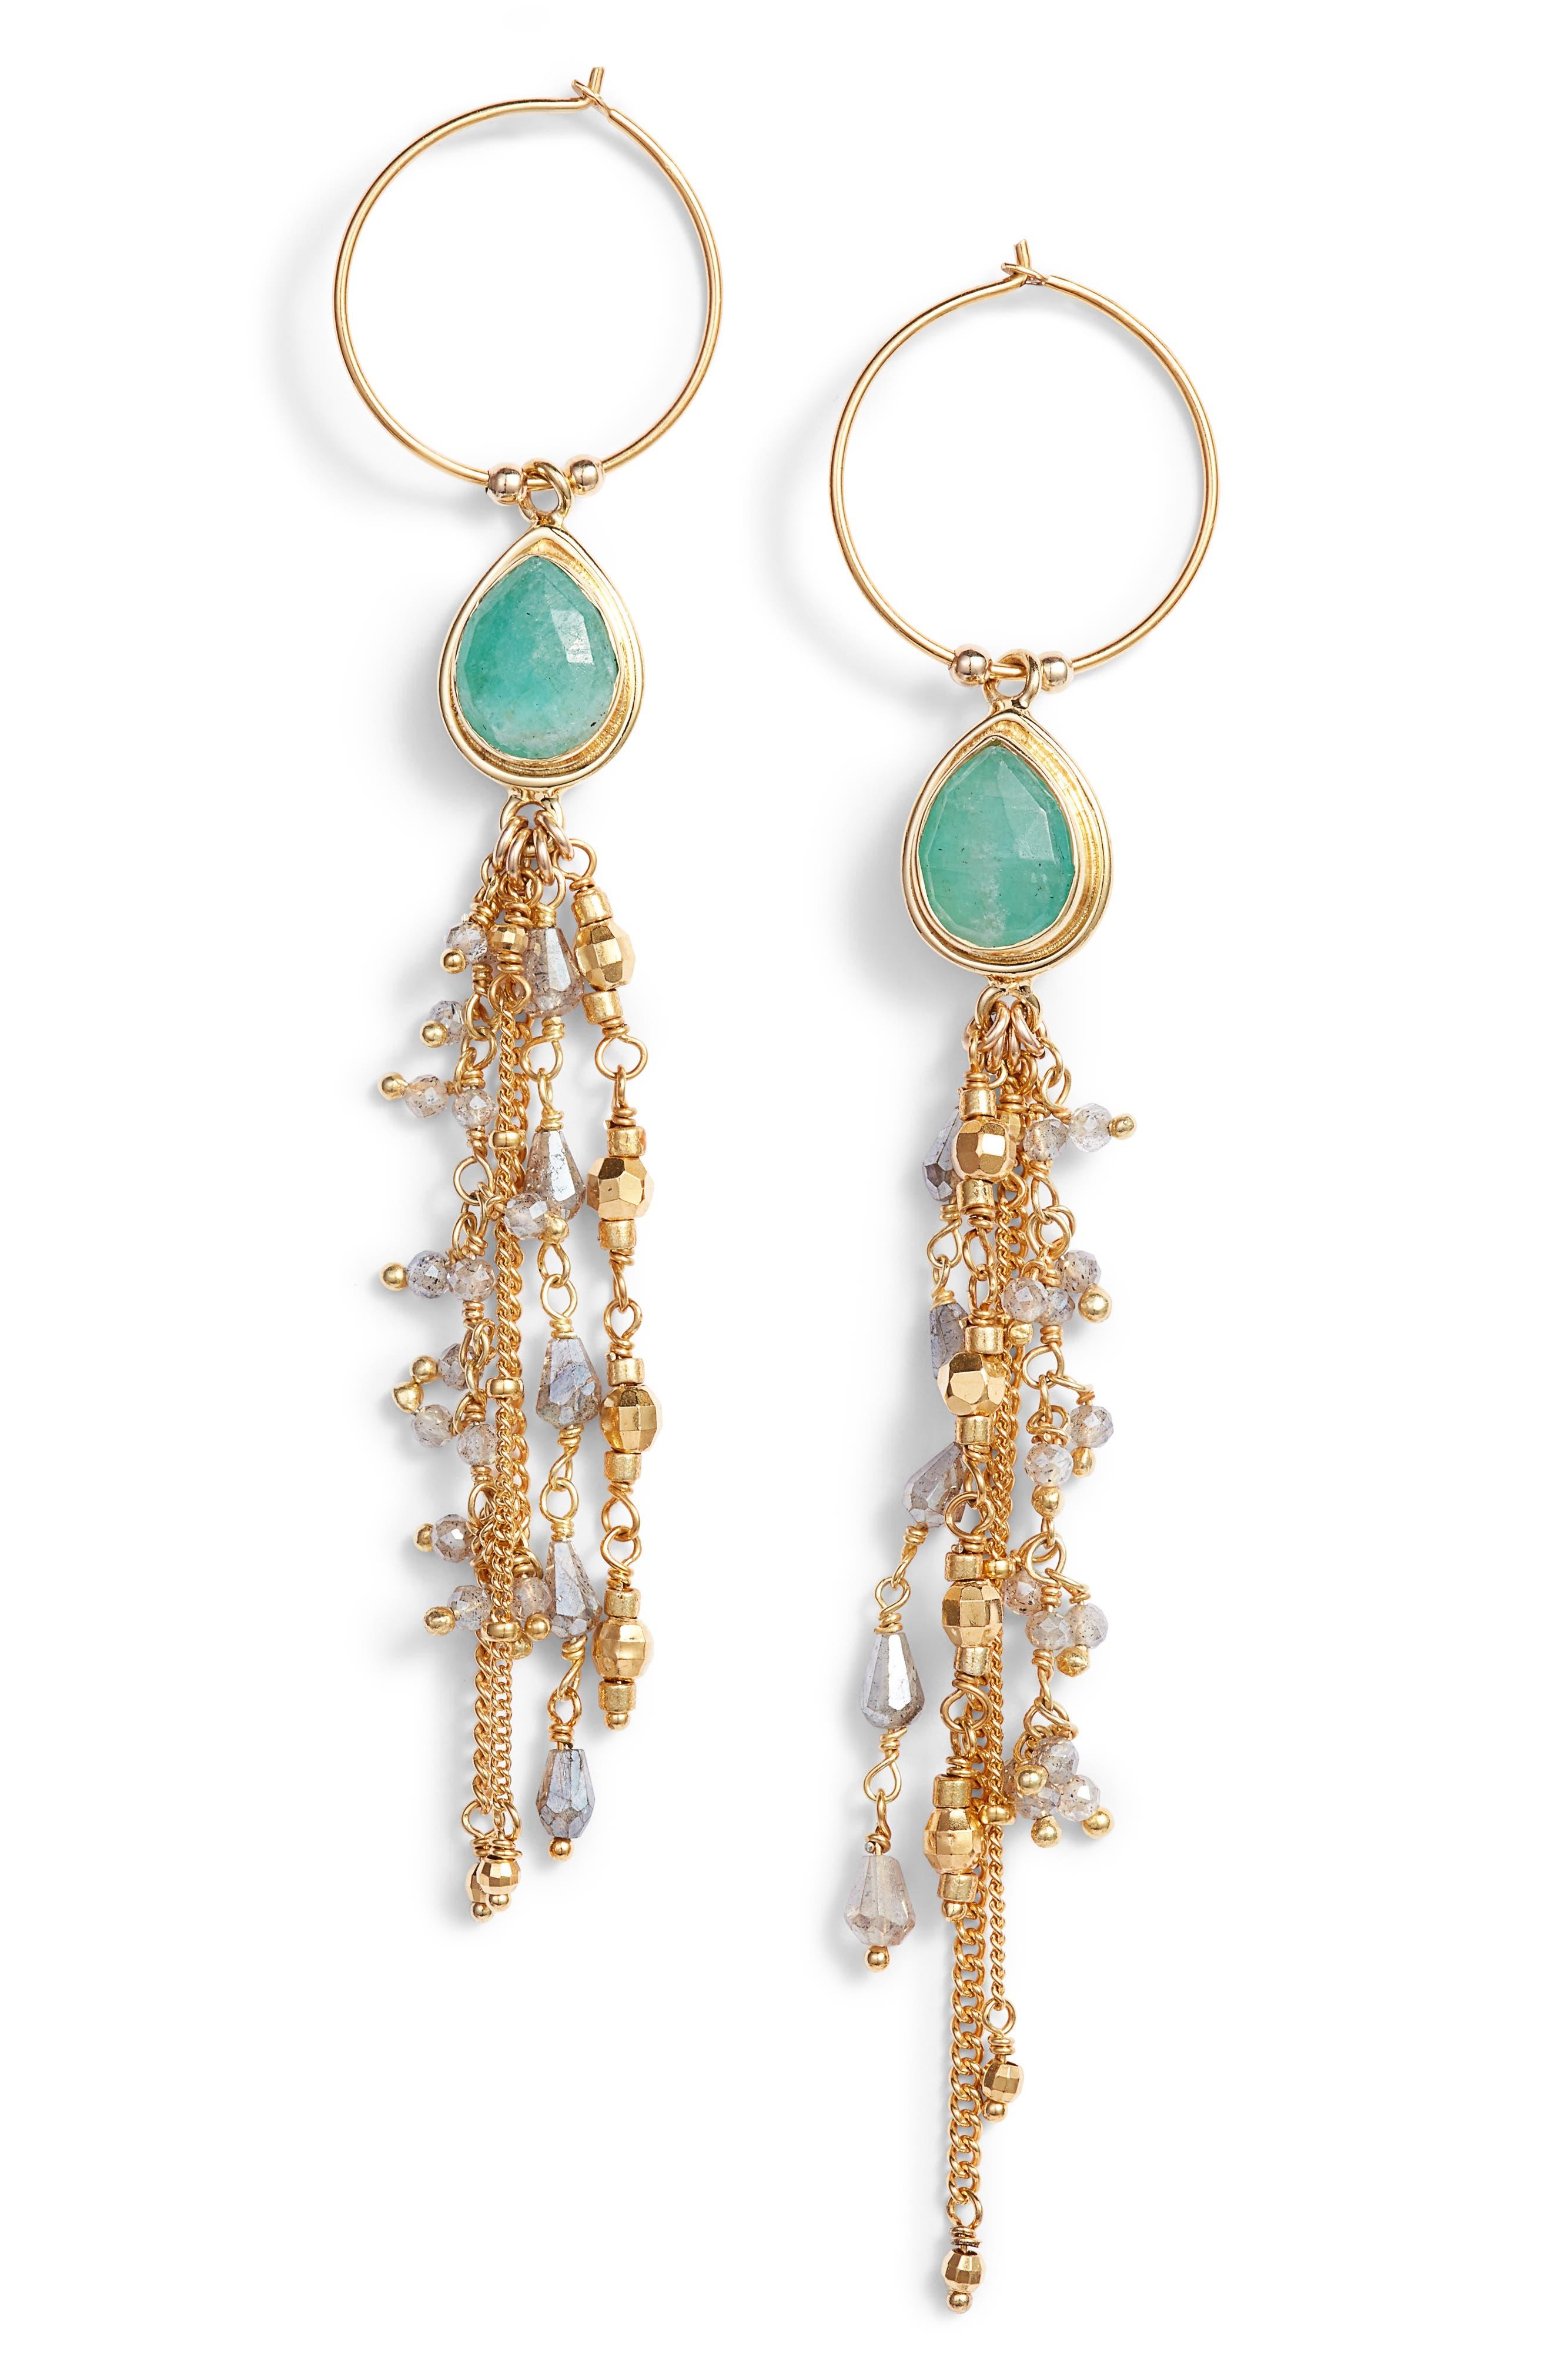 Moonstone Chain Earrings,                             Main thumbnail 1, color,                             AMAZONITE